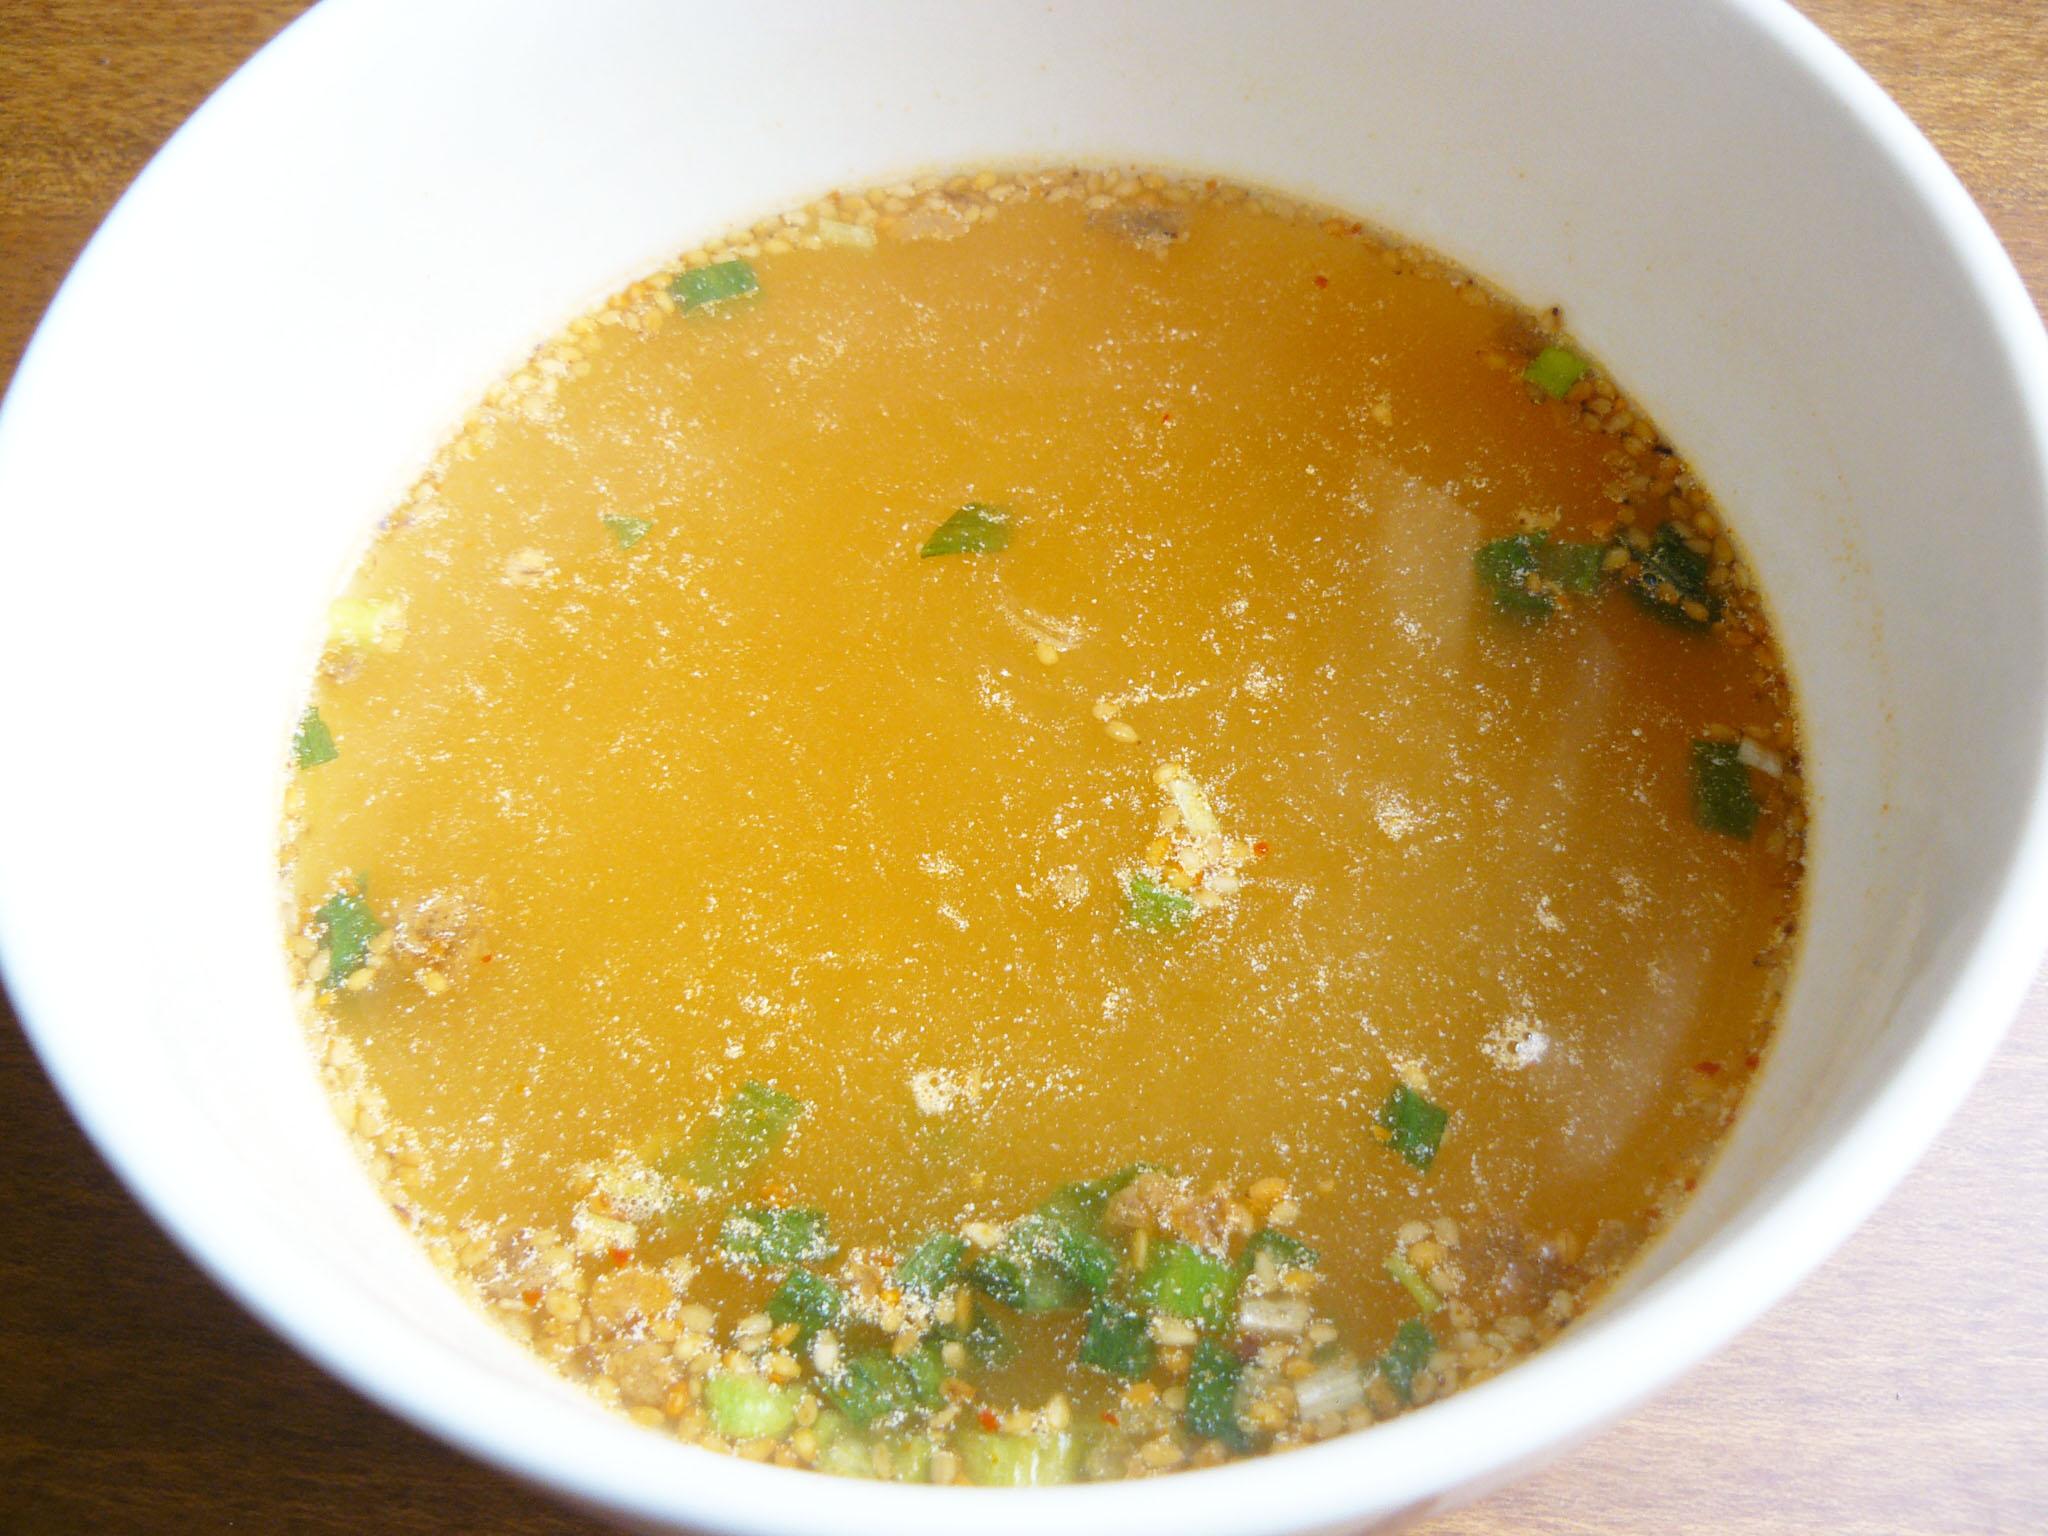 野外キャンプさん[12]が投稿したひかり味噌 春雨スープ 秋冬限定 Best Selection 30食の写真